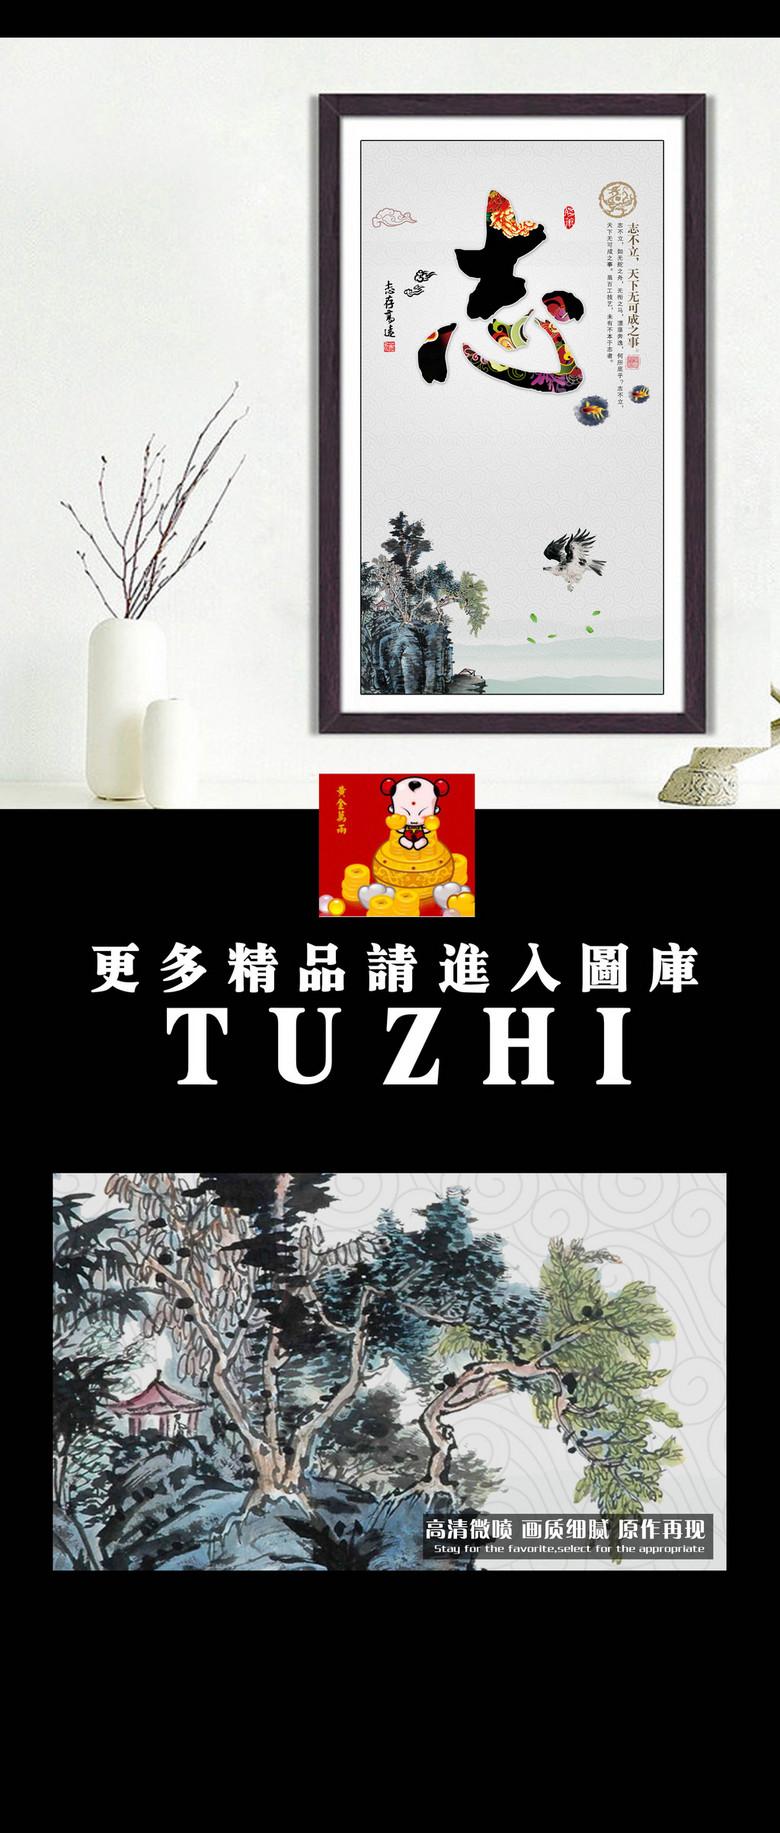 志存高远书法字古典中国风装饰画